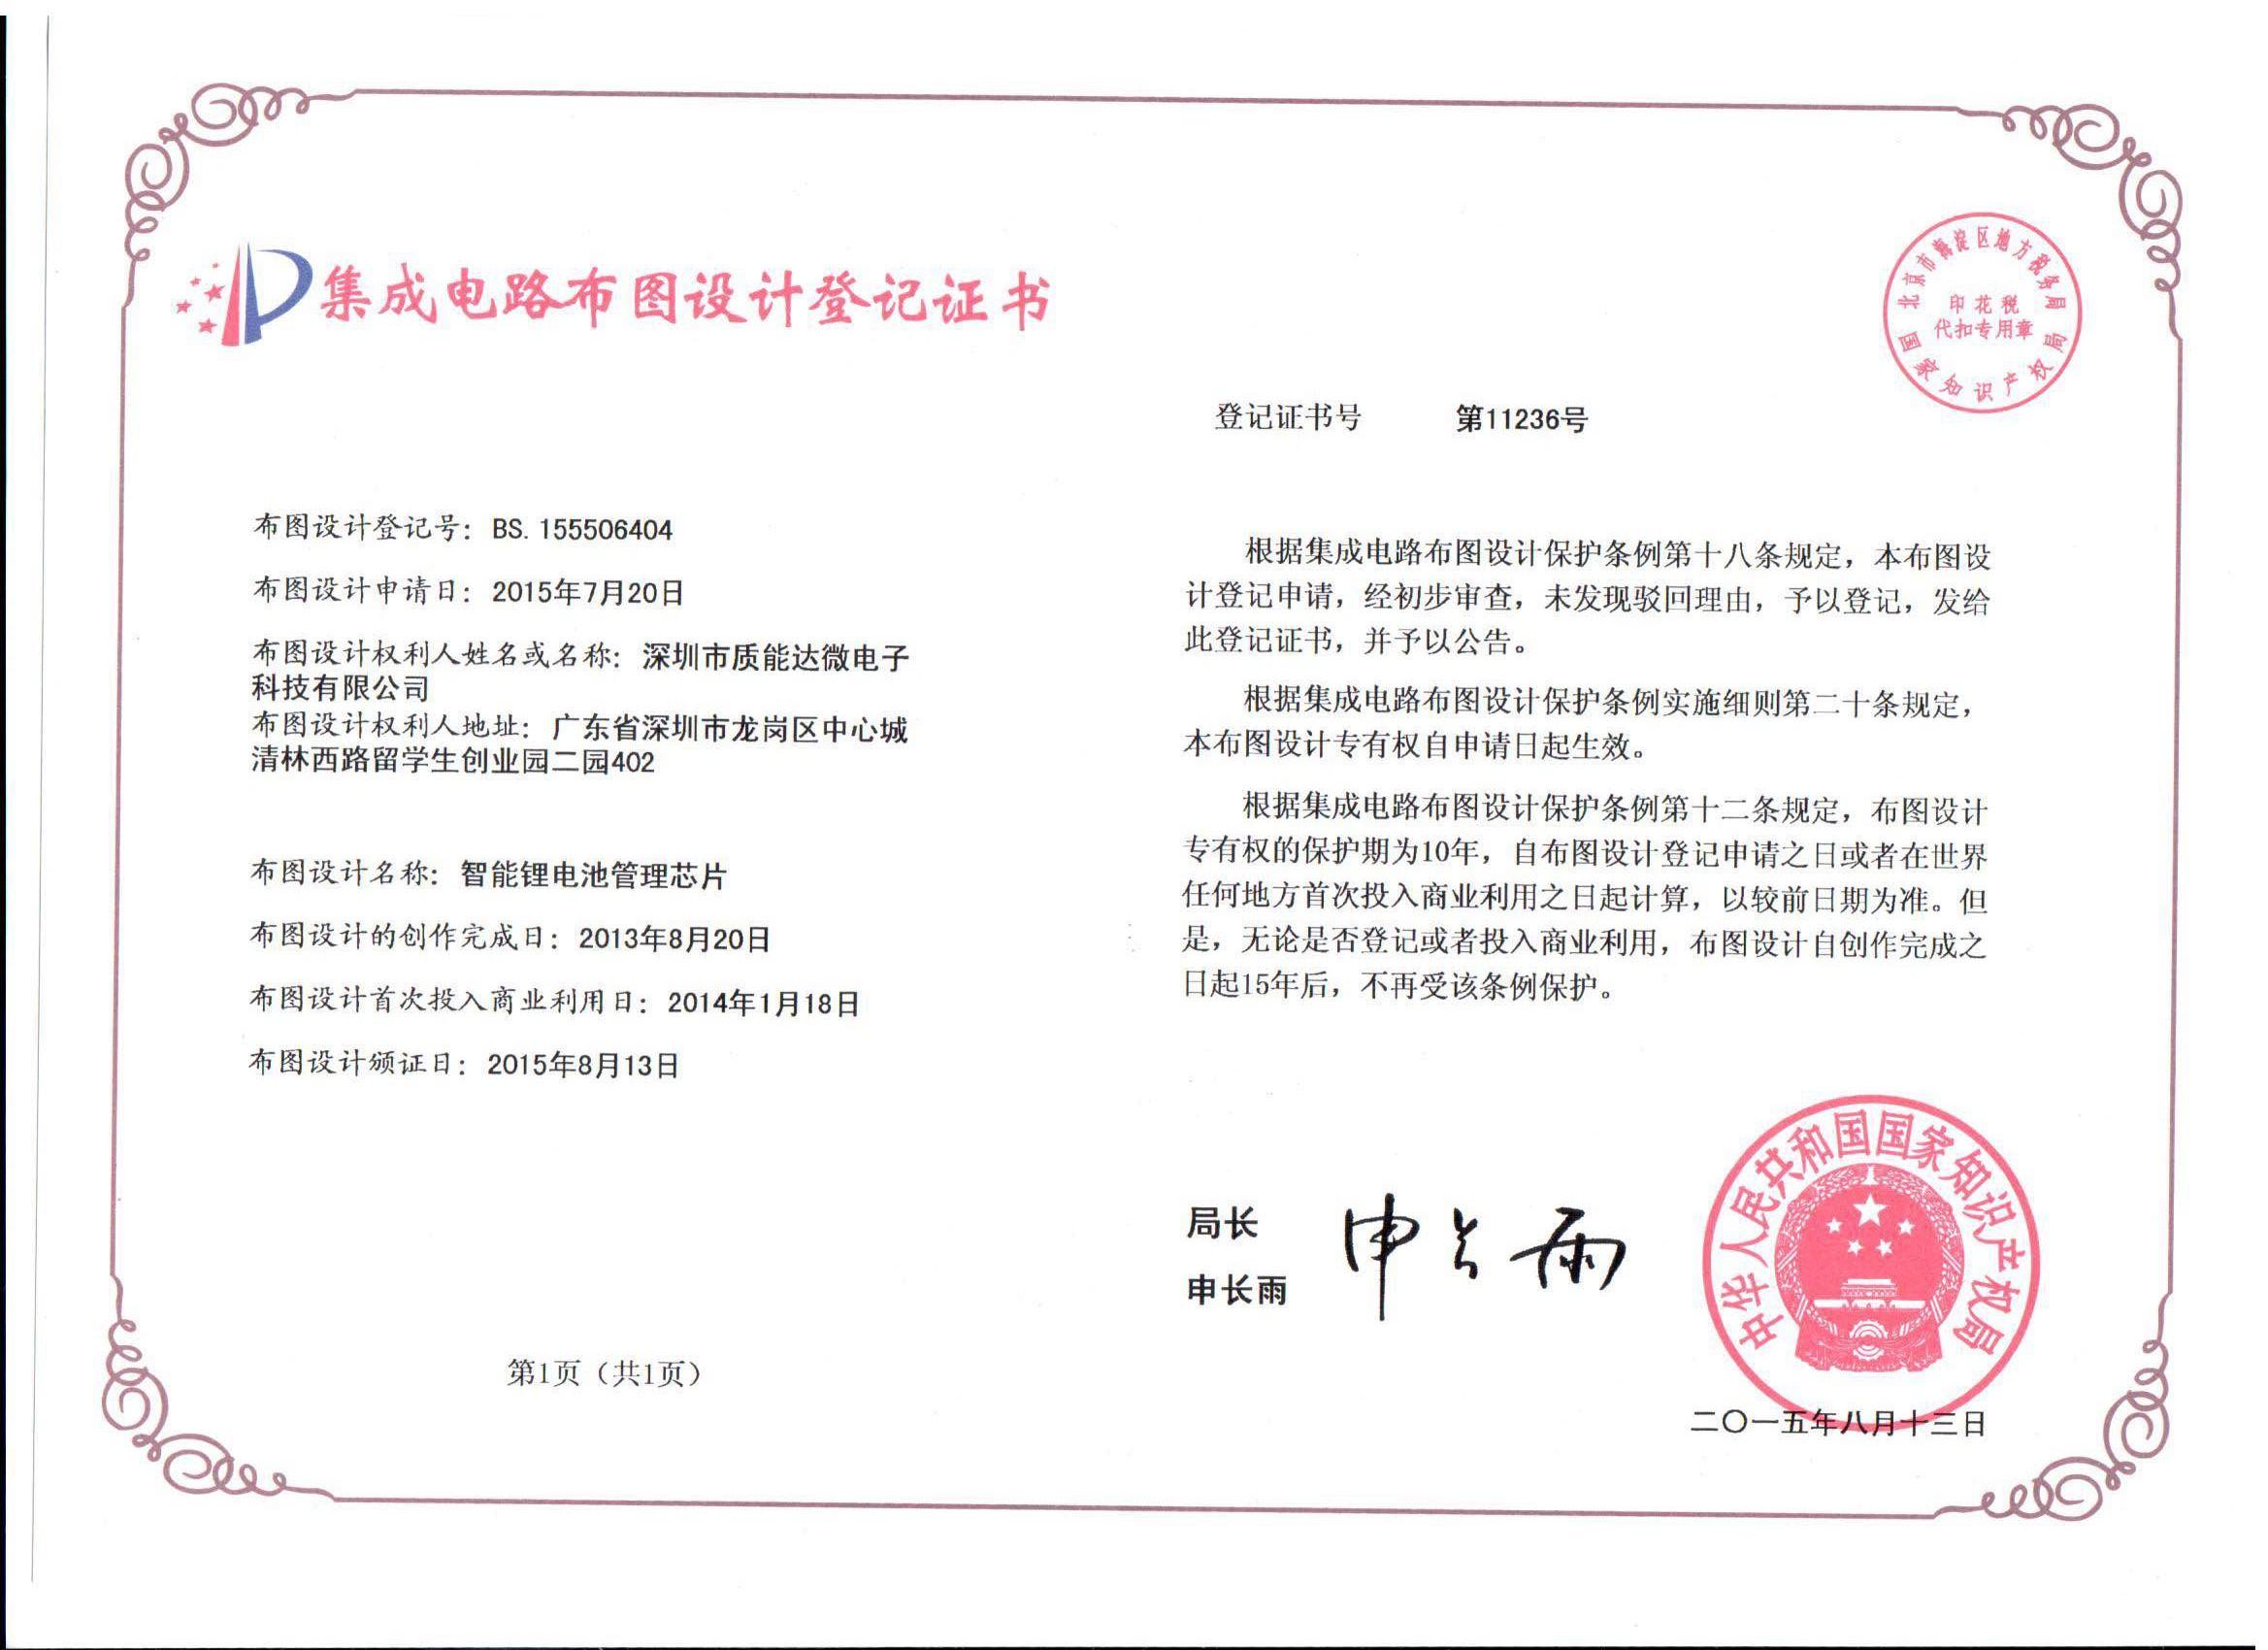 集成电路布图设计证书